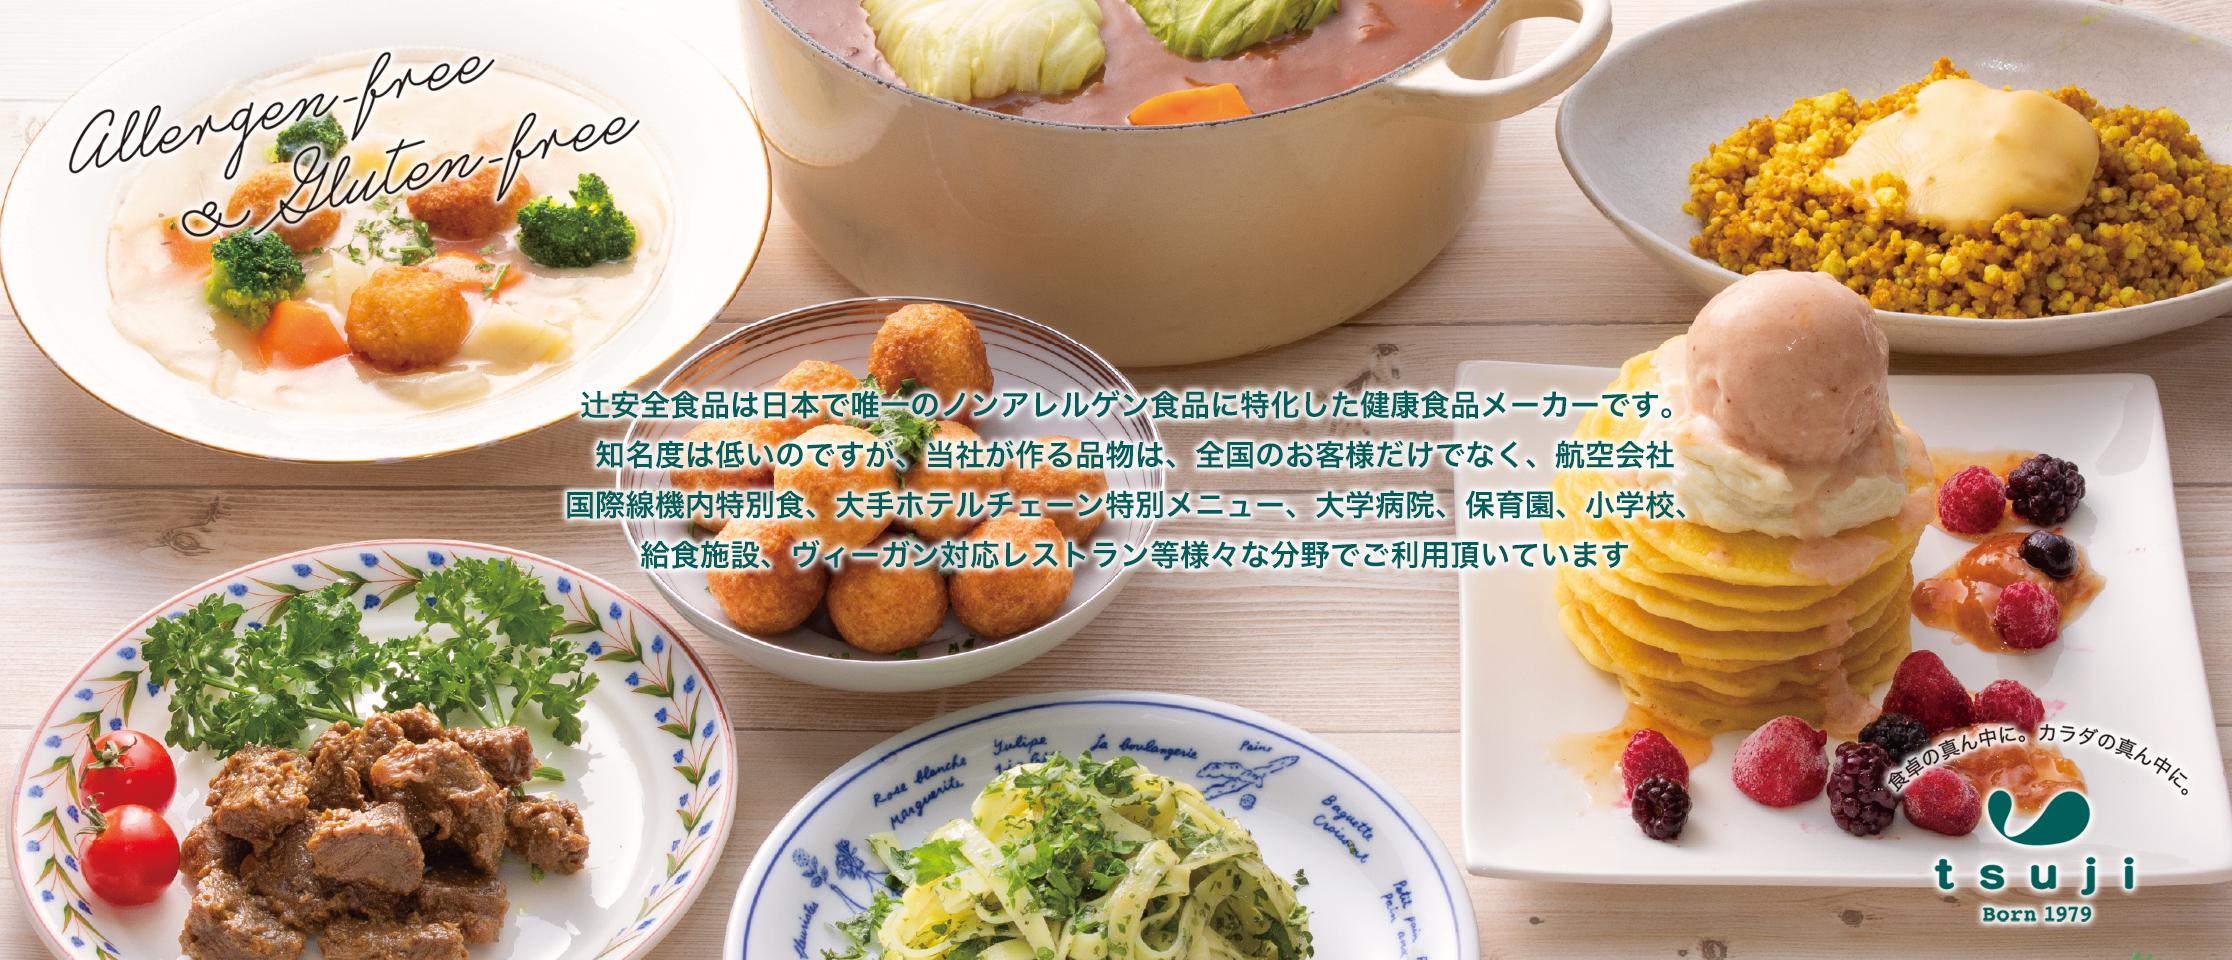 辻安全食品は日本で唯一のノンアレルゲン食品に特化した健康食品メーカーです。当社が作る品物は、全国のお客様だけでなく、航空会社国際線機内特別食、大手ホテルチェーン特別メニュー、大学病院、保育園、小学校、給食施設、ヴィーガン対応レストラン等様々な分野でご利用頂いています